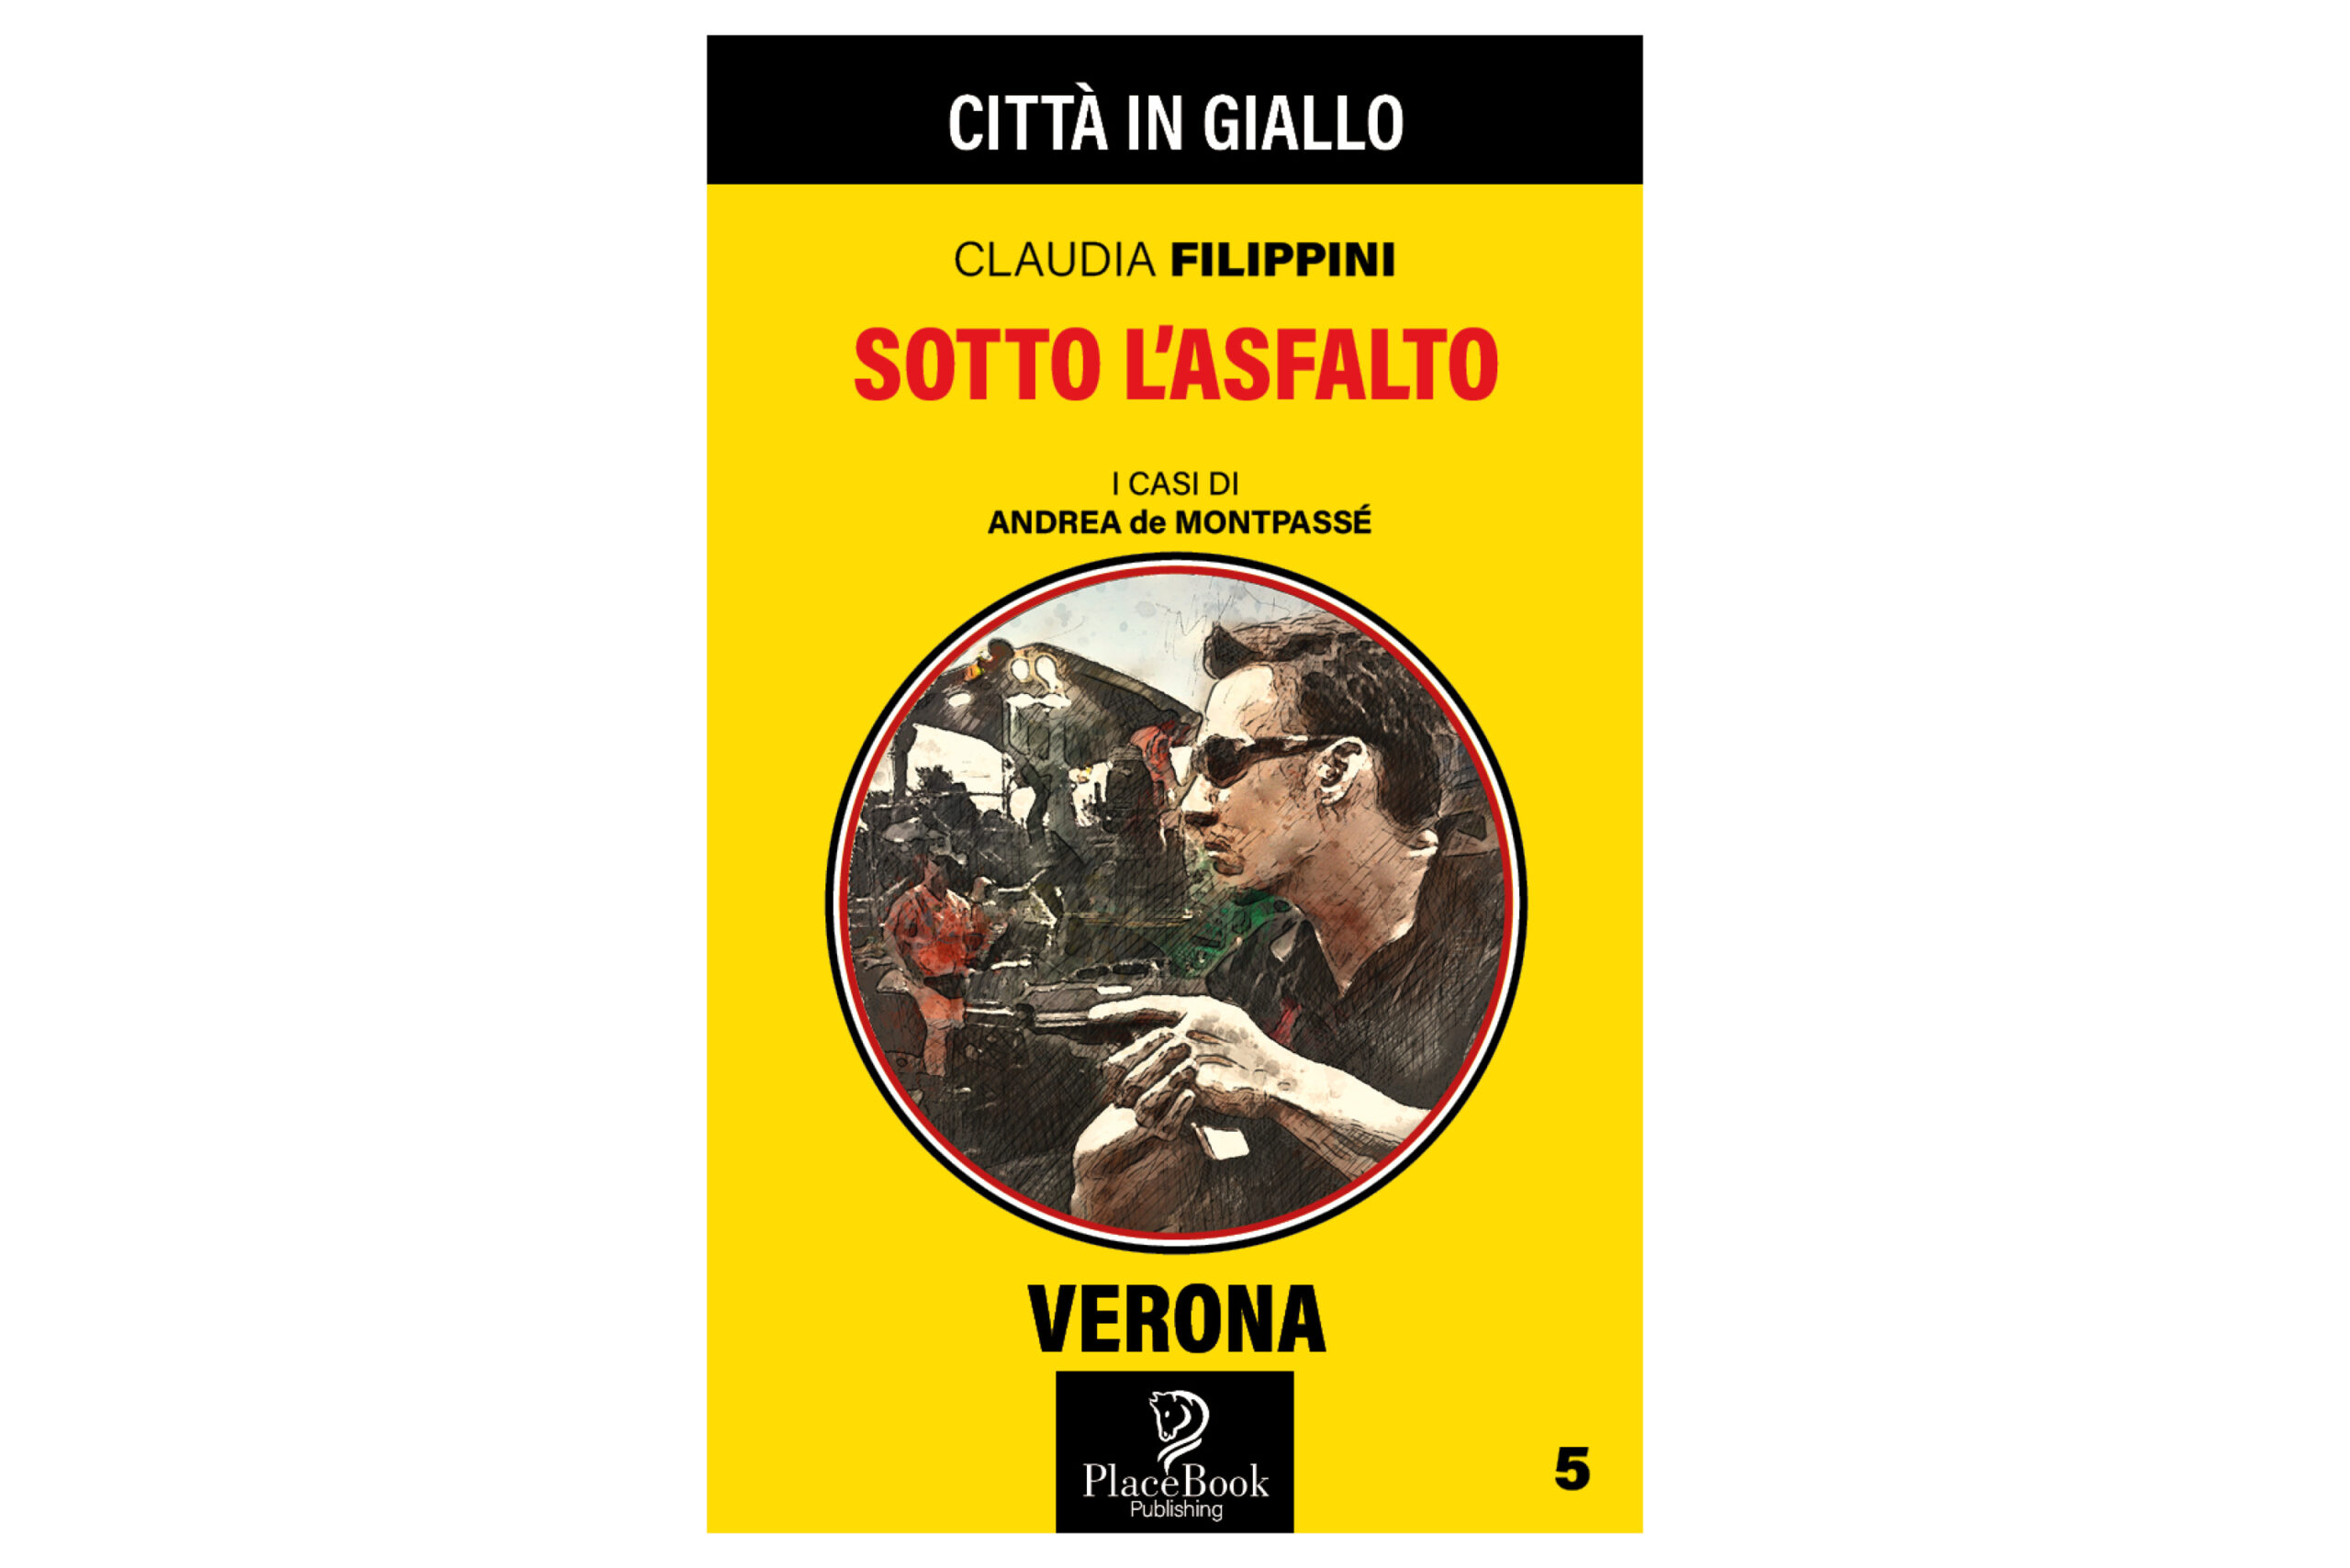 Sotto l'asfalto – Verona 5